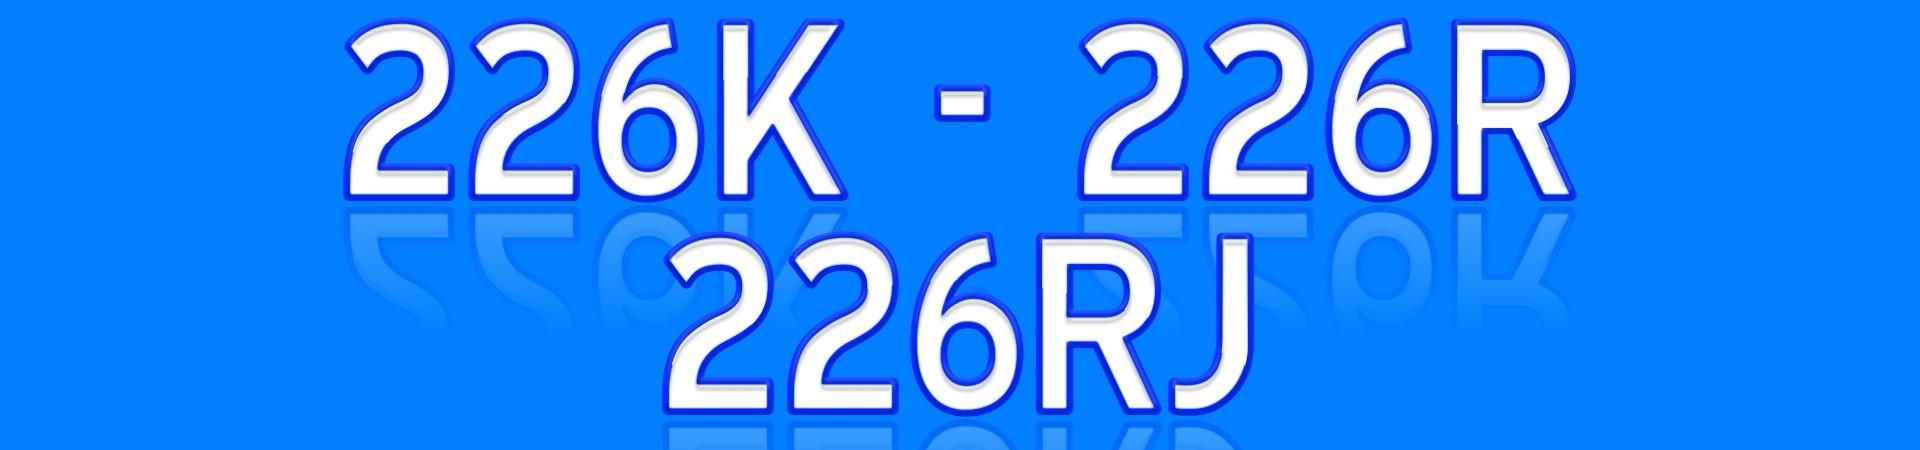 142R 143R 152R 153R